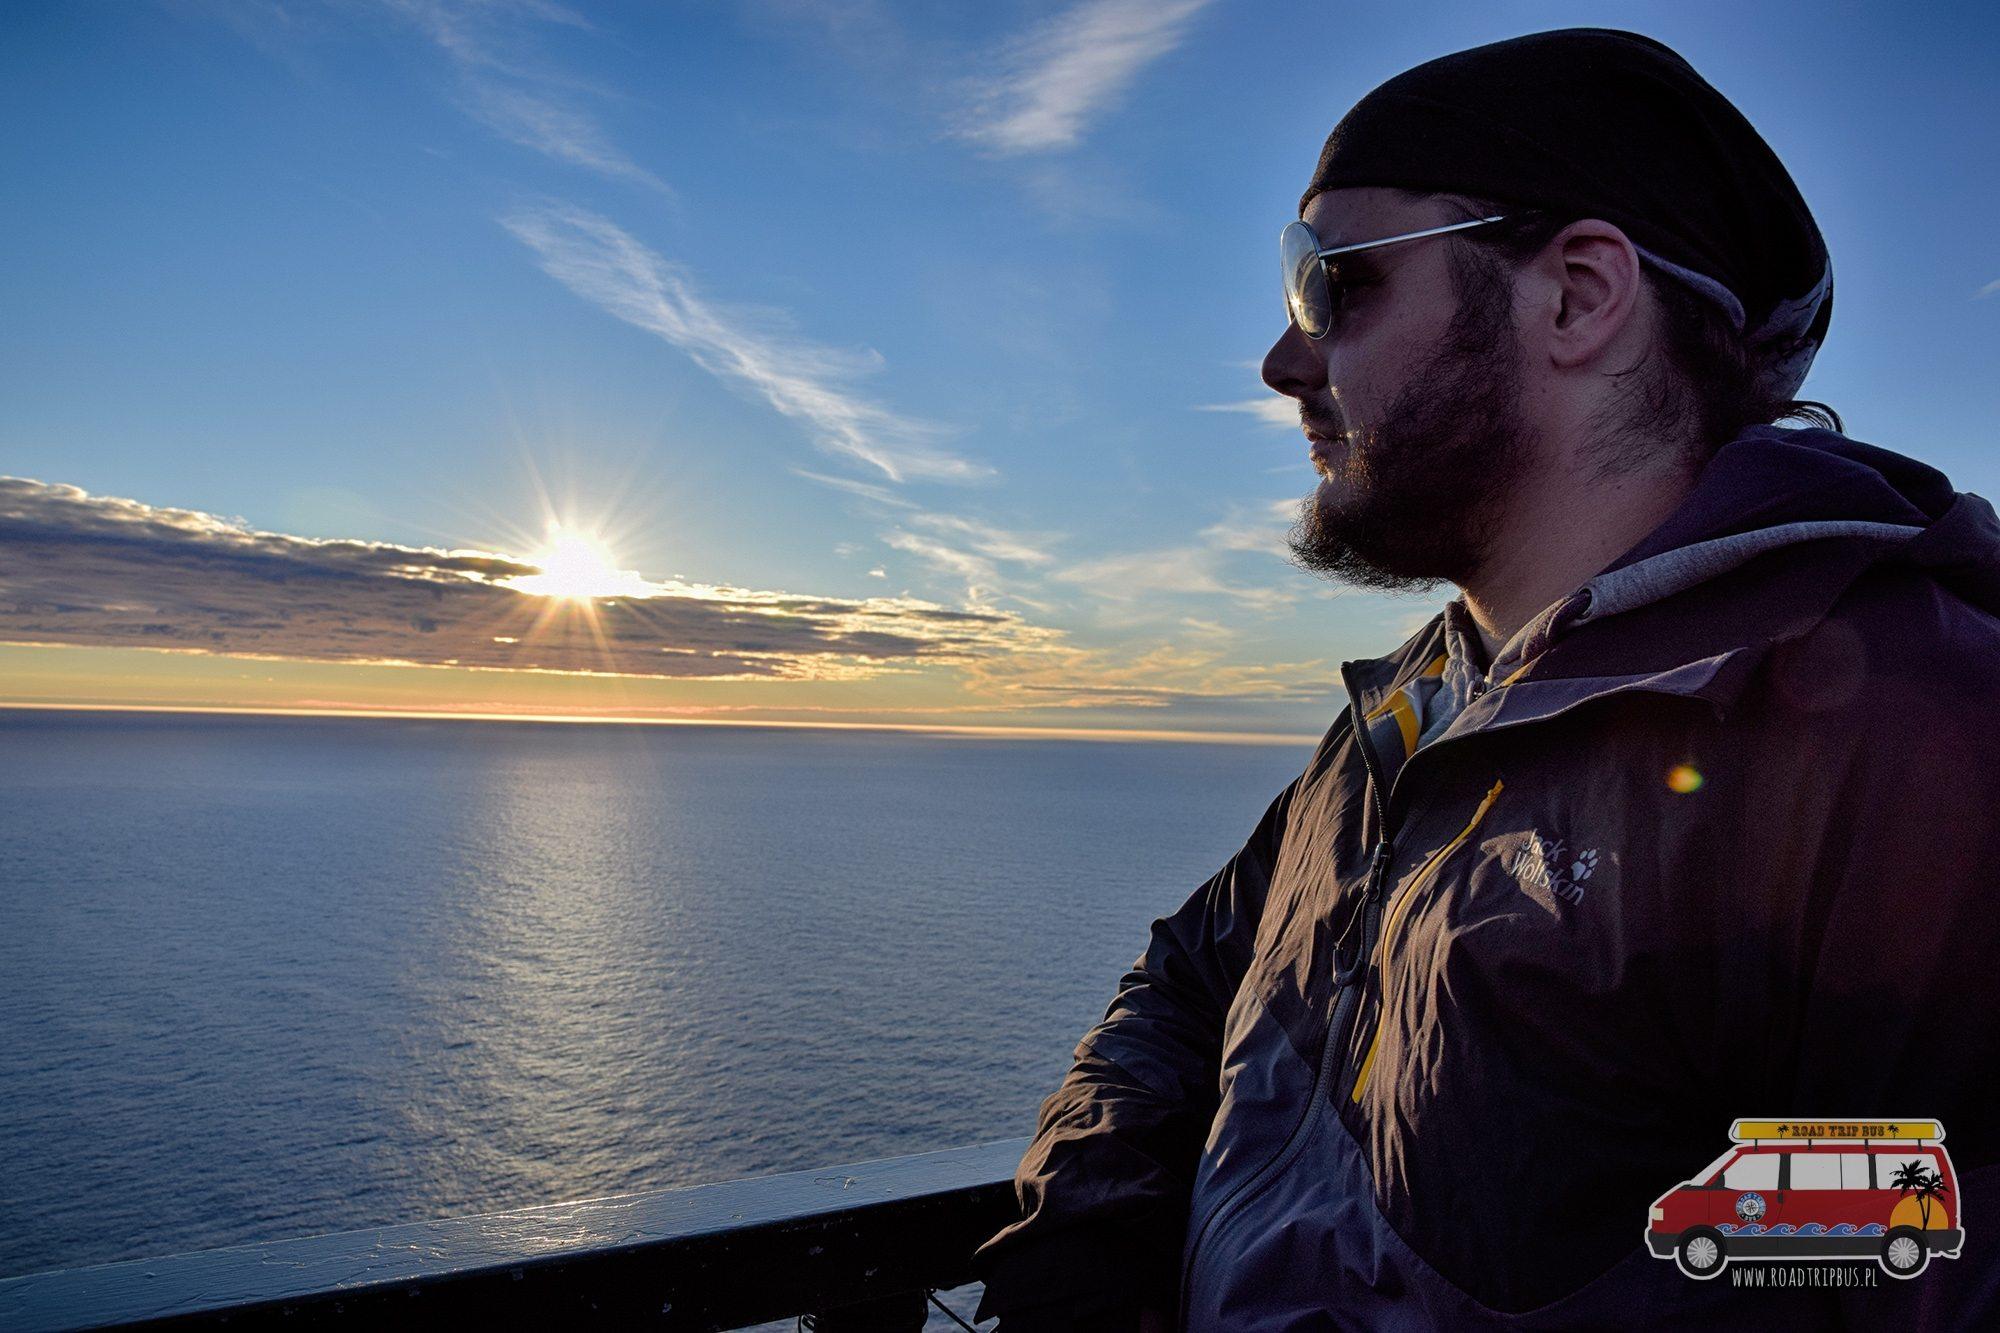 Zdjęcie zrobione na Nordkappie 11 lipca około godziny 22:30. Słońce było w tym momencie najniżej, później zaczęło się stopniowo podnosić.